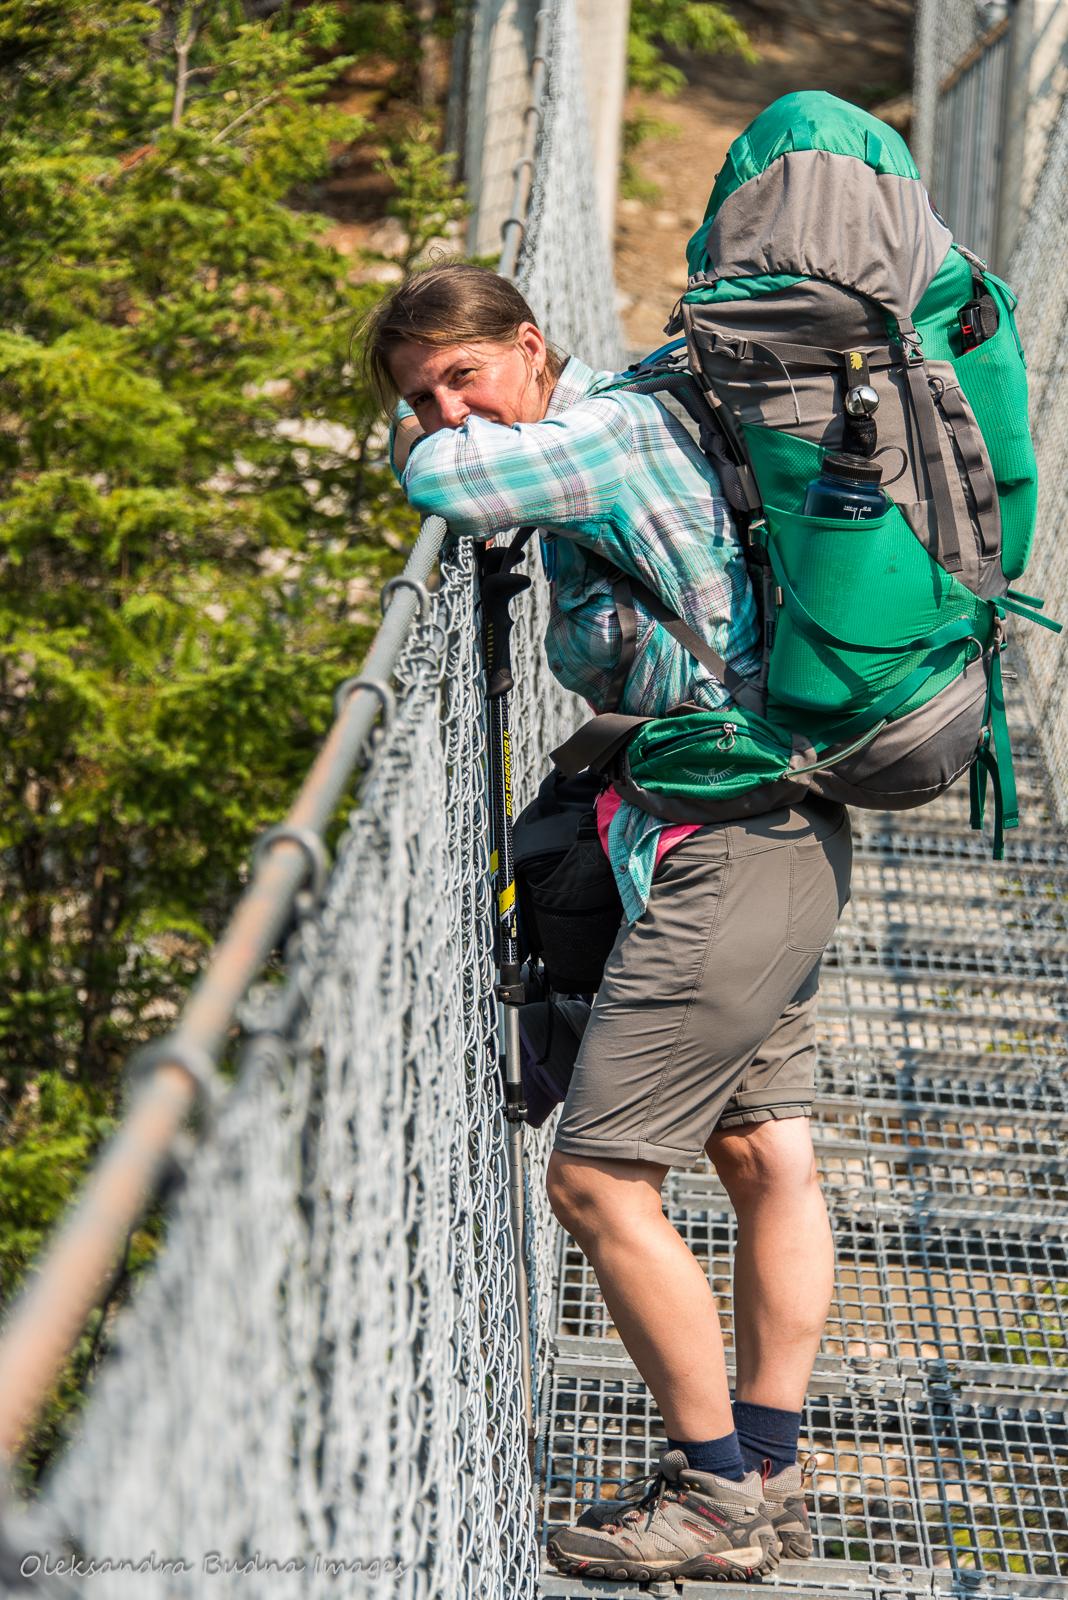 crossing suspension bridge over Chigaamiwinigum Falls in Pukaskwa